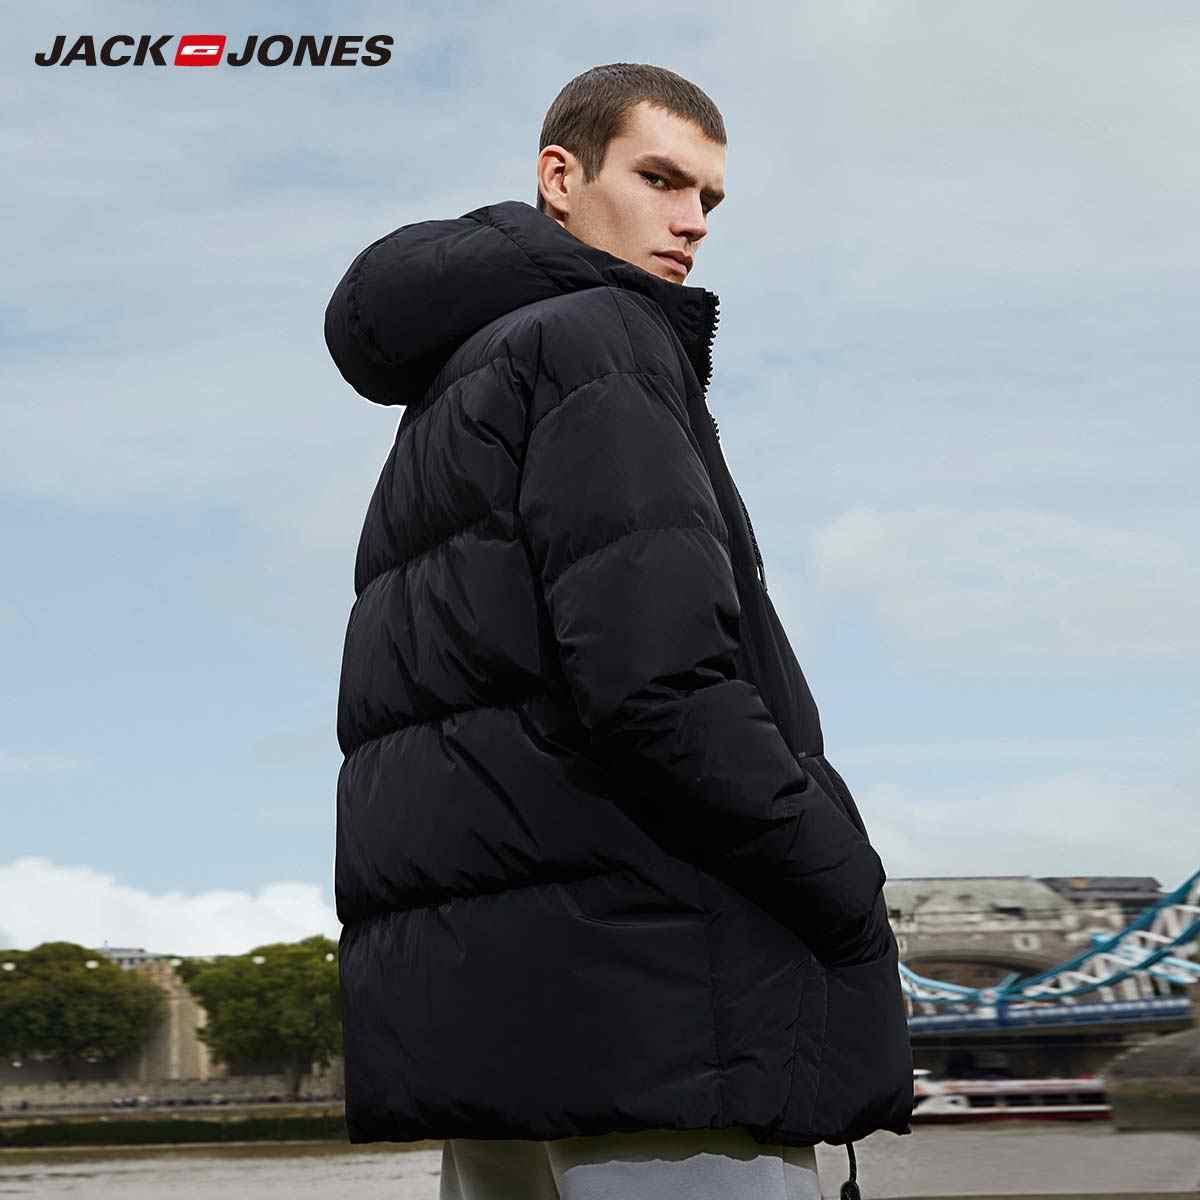 JackJones, мужская зимняя куртка с капюшоном на утином пуху, мужская повседневная модная куртка, 2019, брендовая новая мужская одежда 218312531